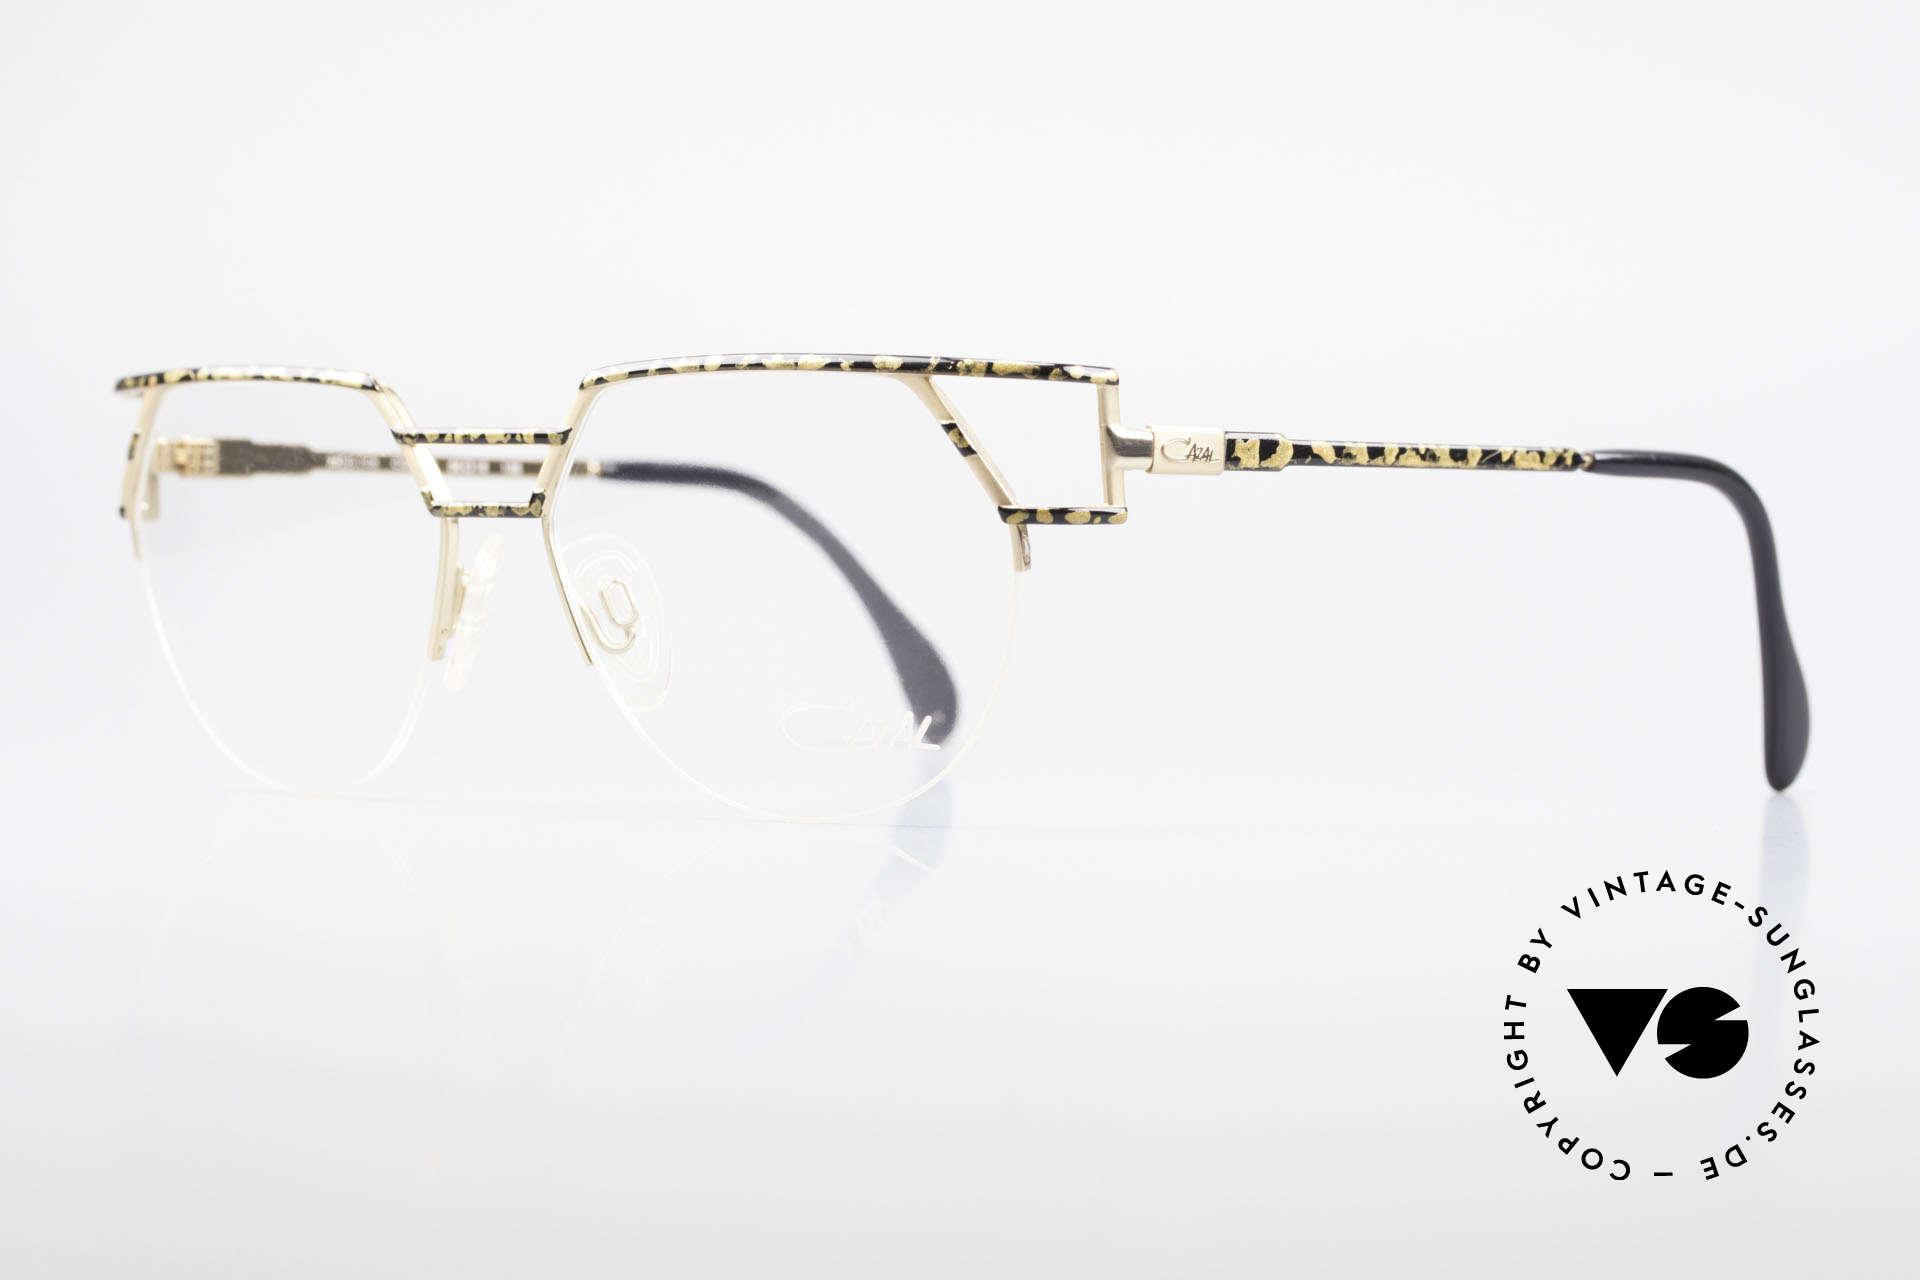 Cazal 248 90er No Retro Originalbrille, elegante Rahmengestaltung: gold/schwarz gesprenkelt, Passend für Herren und Damen